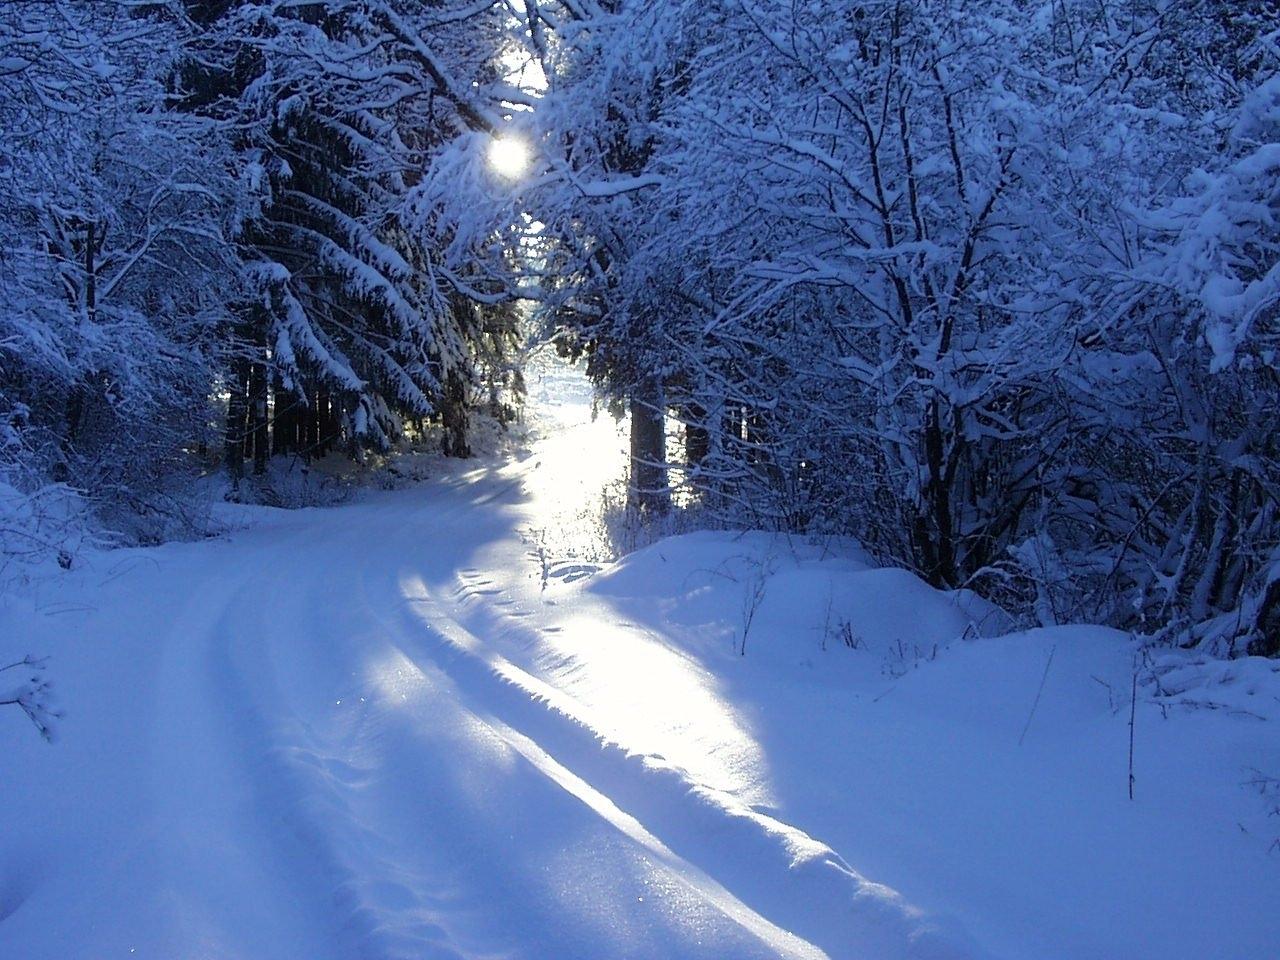 49543 Hintergrundbild 540x960 kostenlos auf deinem Handy, lade Bilder Landschaft, Winterreifen, Natur, Schnee 540x960 auf dein Handy herunter